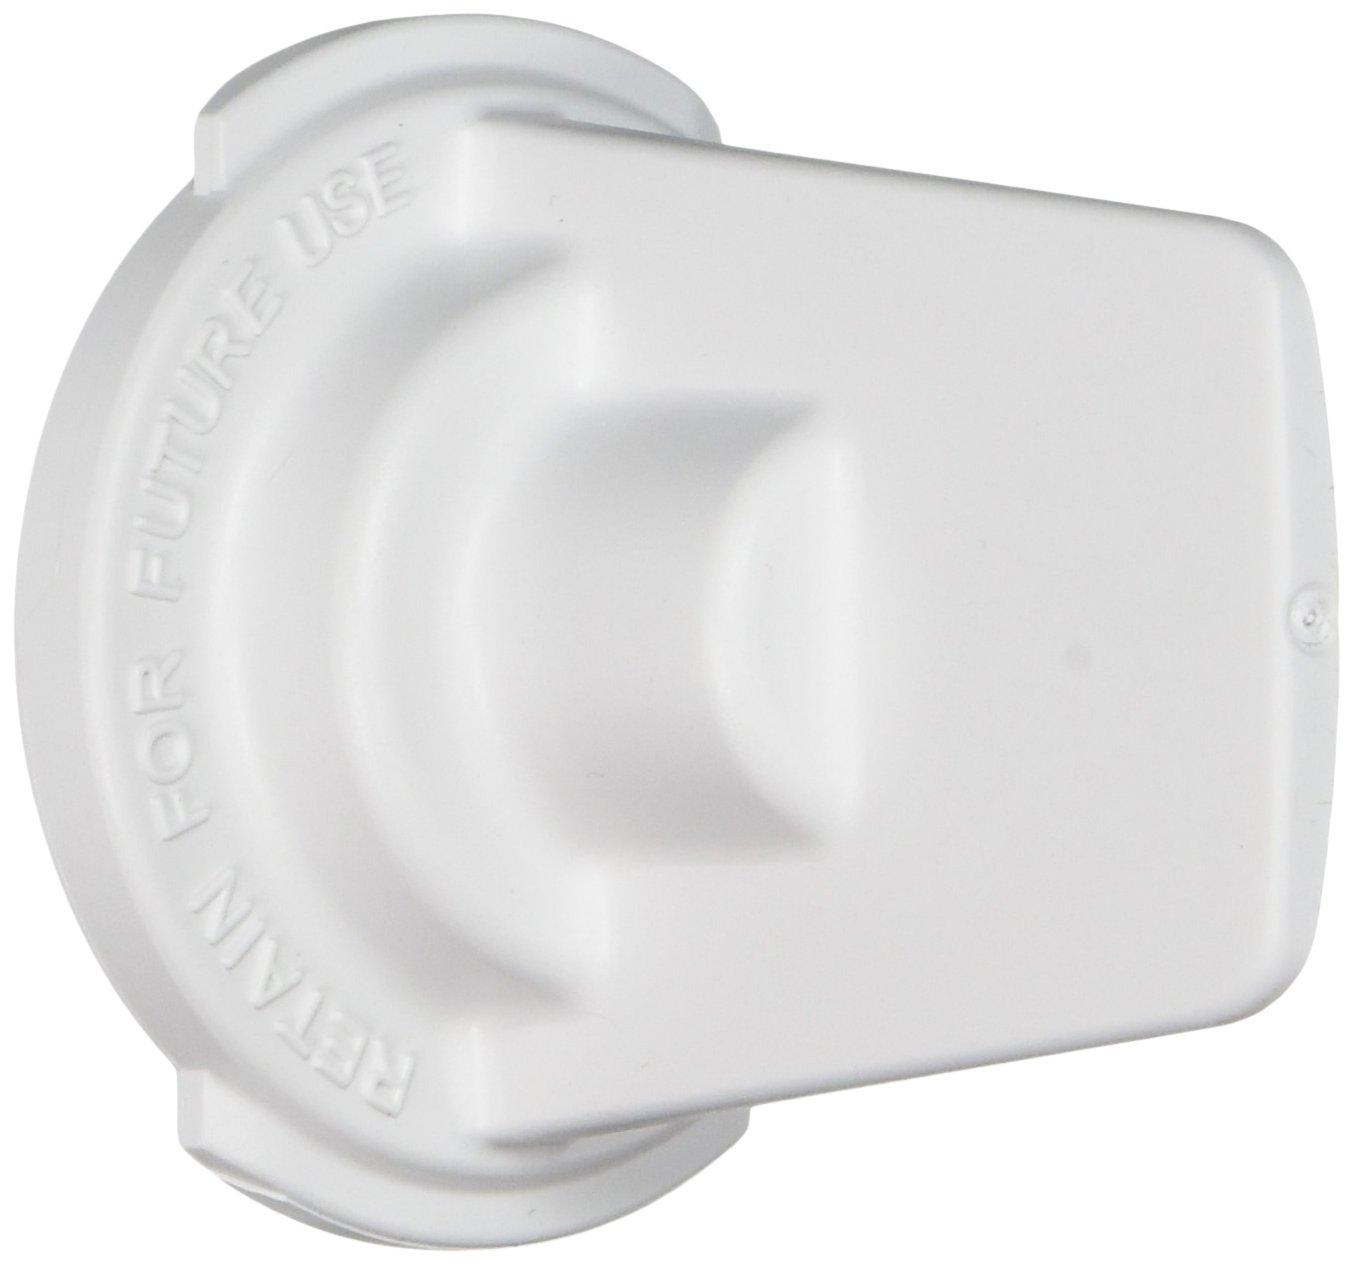 WR02X11705 GE Refrigerator Filter Bypass Cap